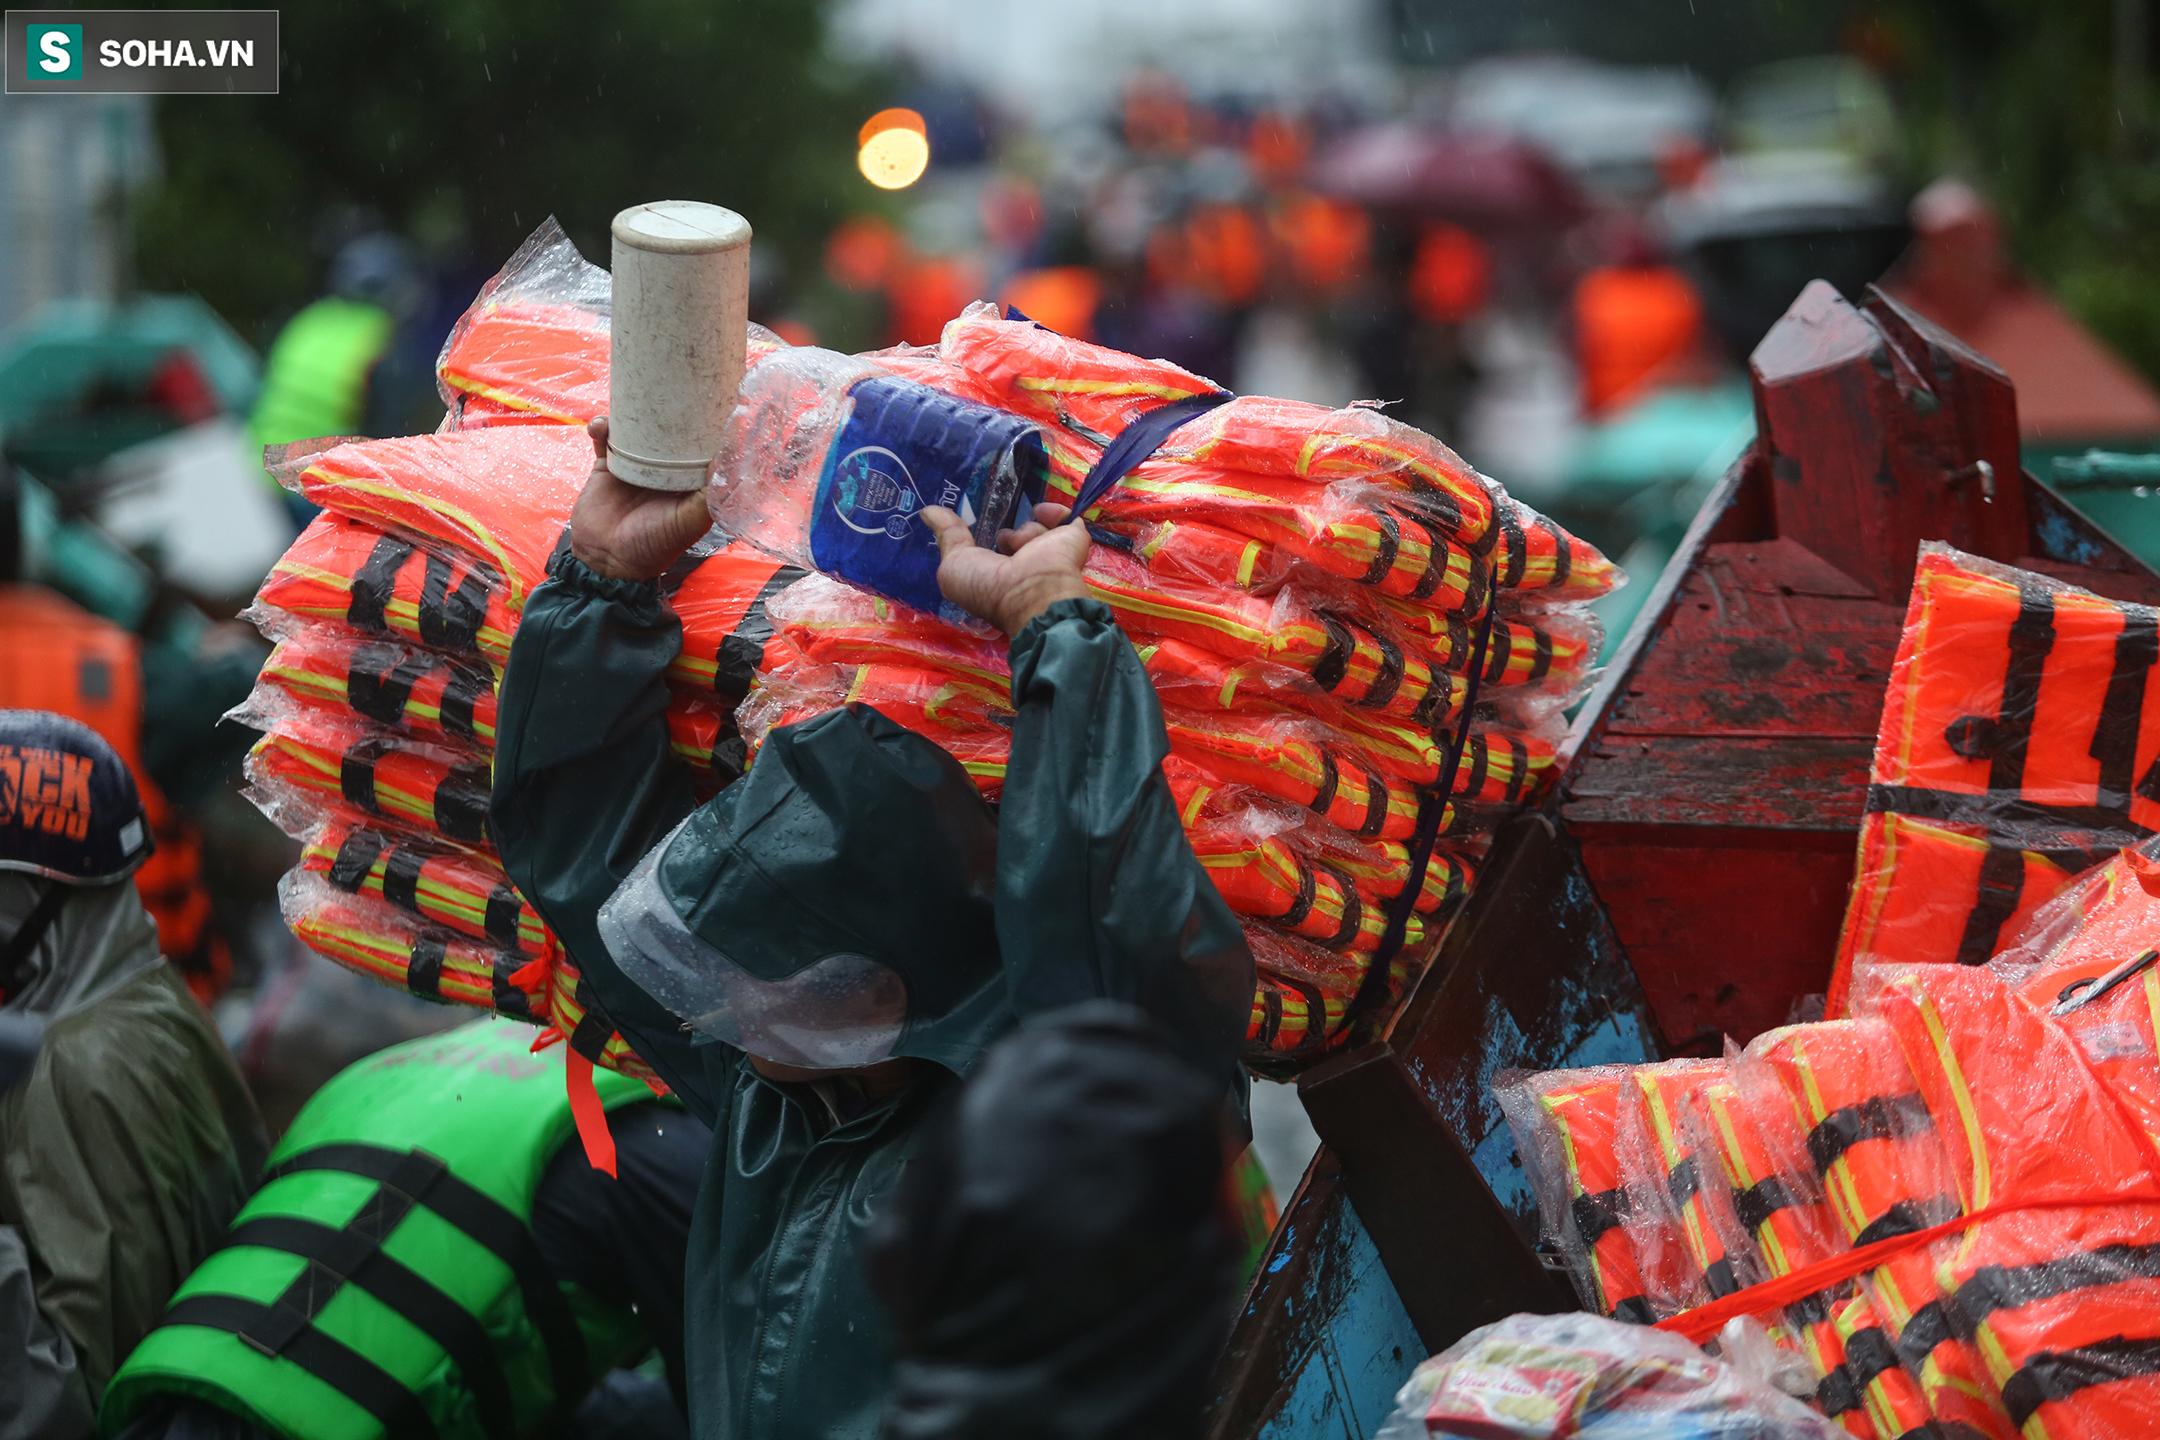 [Ảnh] Người phụ nữ ở Quảng Bình lao ra dòng nước lũ xin đồ ăn cho mẹ già bật khóc khi được cứu hộ khỏi ghe lật  - Ảnh 5.